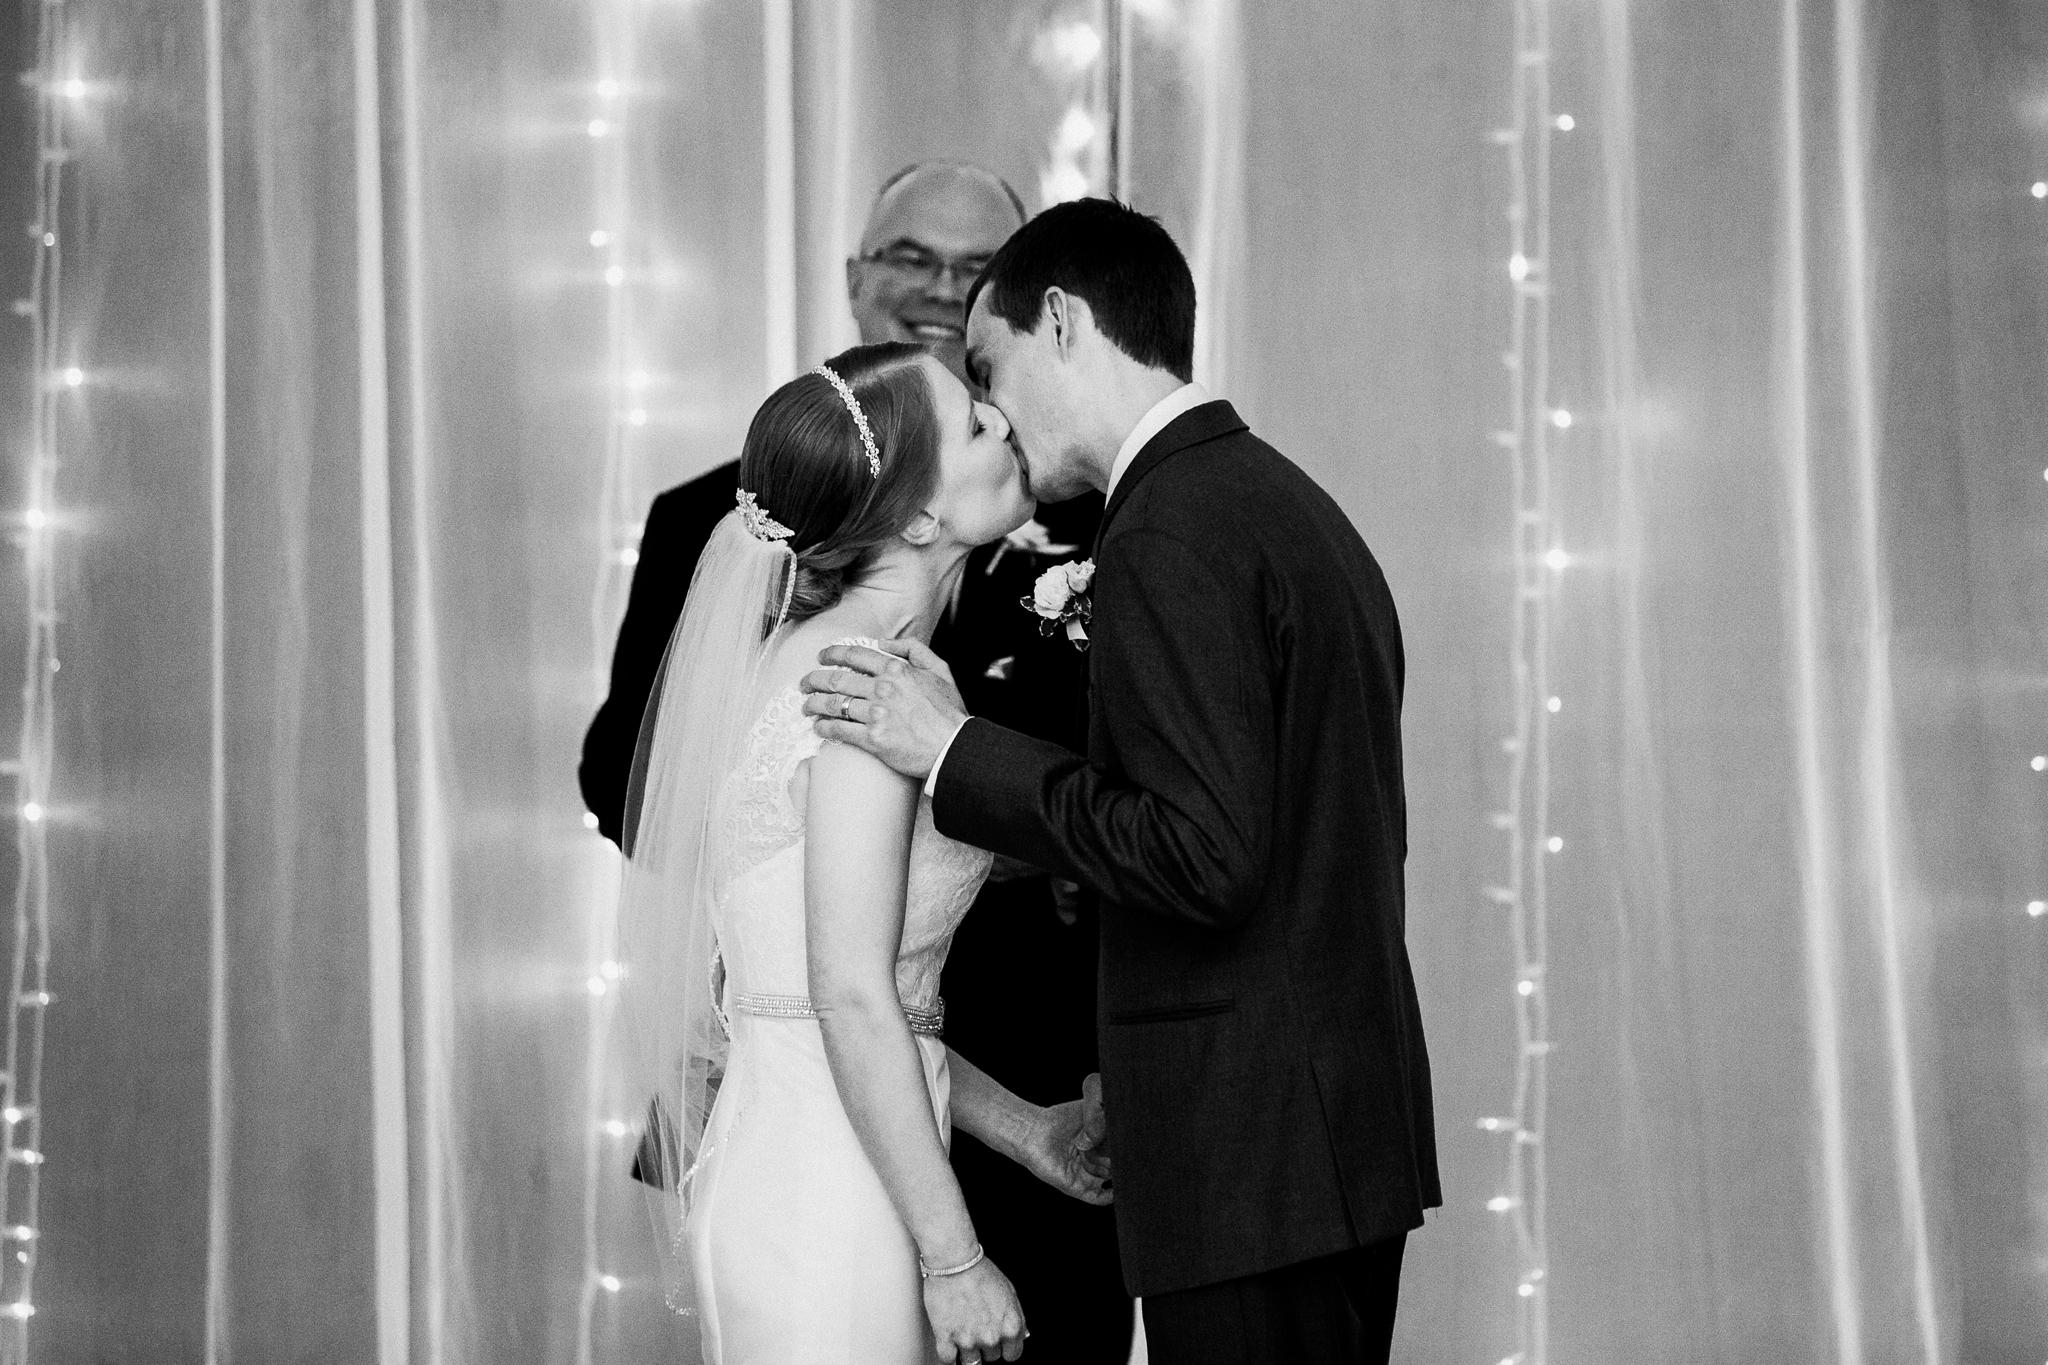 noahs_event_venue_naperville_IL_wedding_photographer_0053.jpg